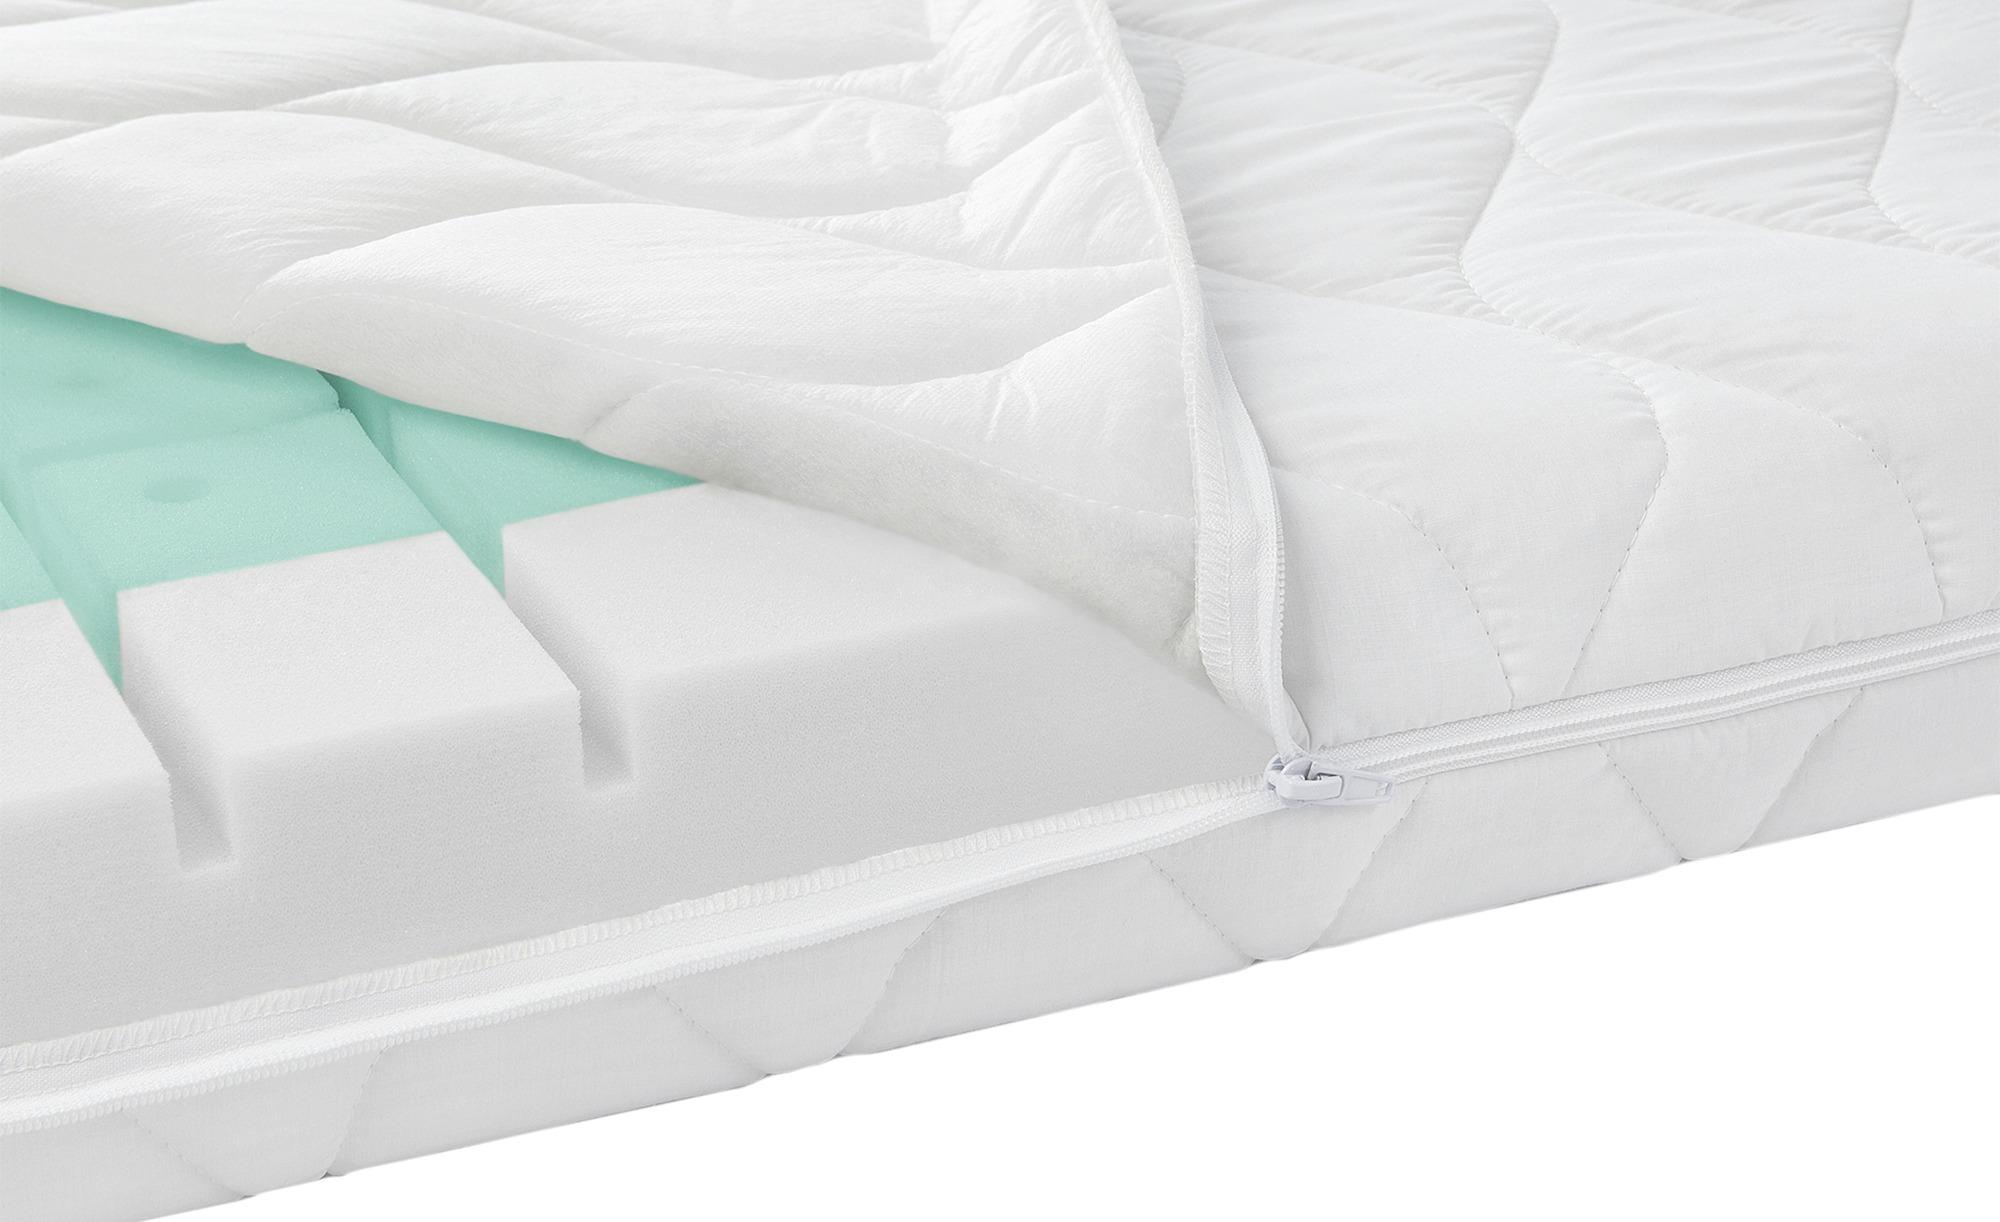 Zöllner Kinderbettmatratze  Dream - weiß - Bezug: 65% Polyester, 35% Baumwolle - 70 cm - 10 cm - Baby > Babymöbel > Babymatratzen - Möbel Kraft | Kinderzimmer > Textilien für Kinder > Kinderbettwäsche | Zöllner